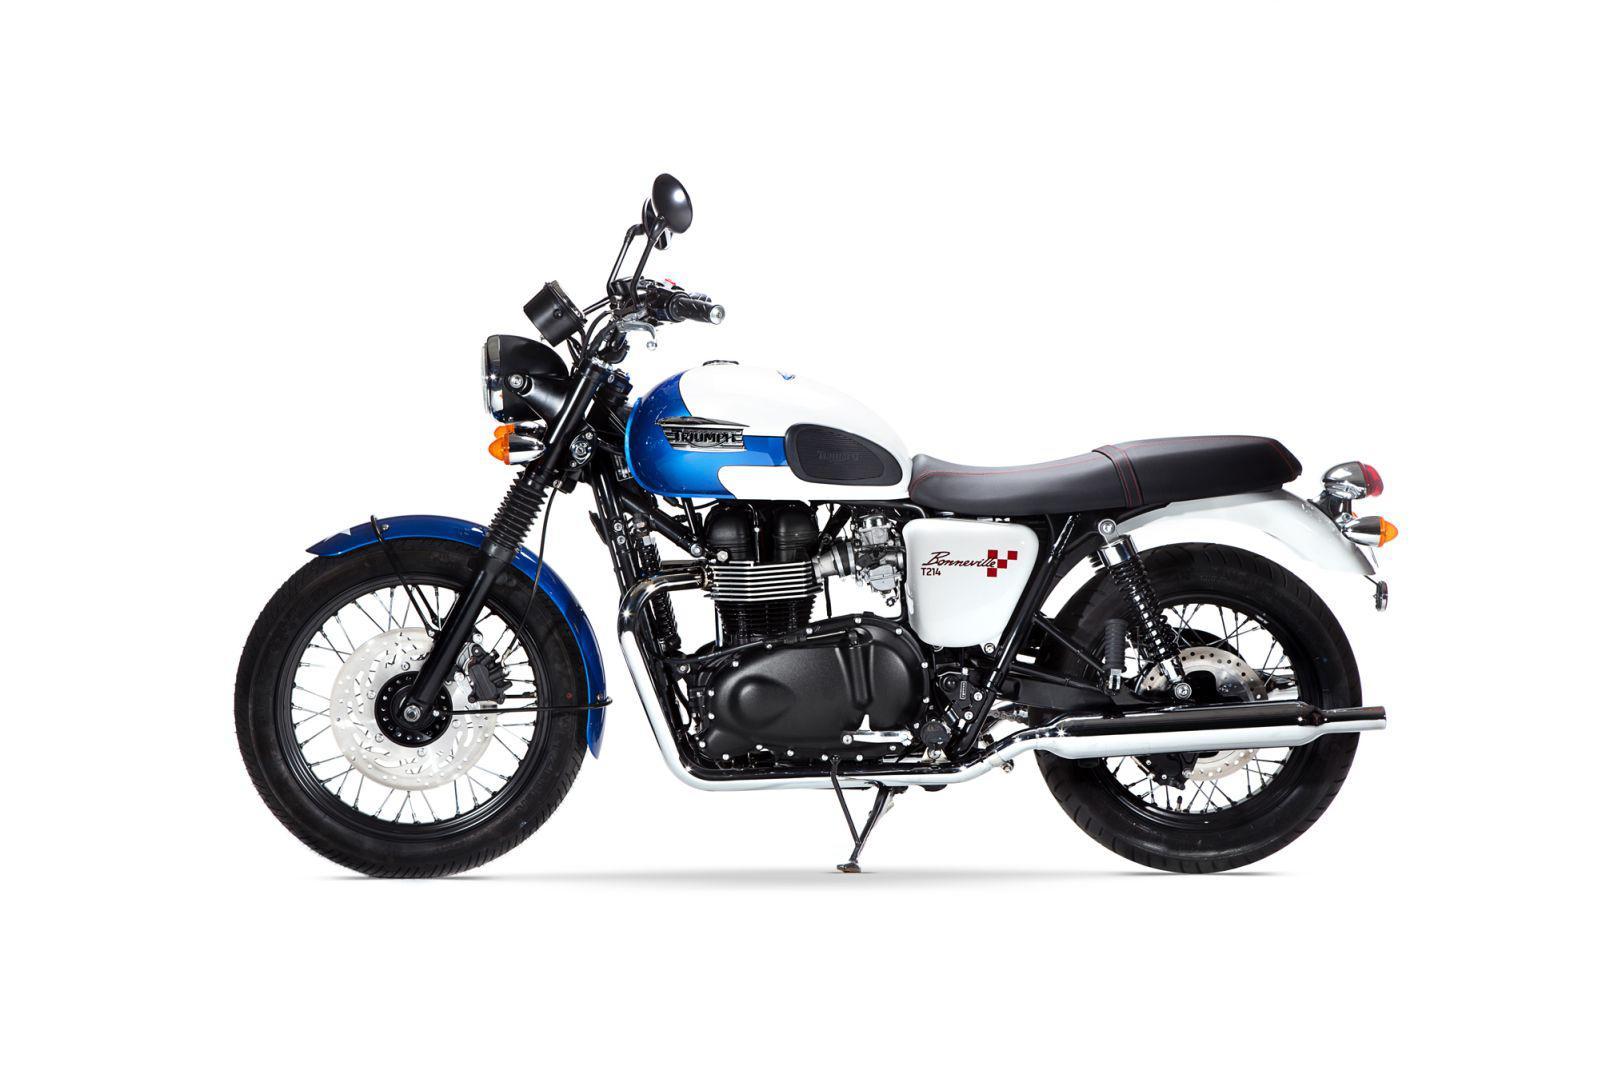 triumph bonneville t214 motorrad fotos motorrad bilder. Black Bedroom Furniture Sets. Home Design Ideas